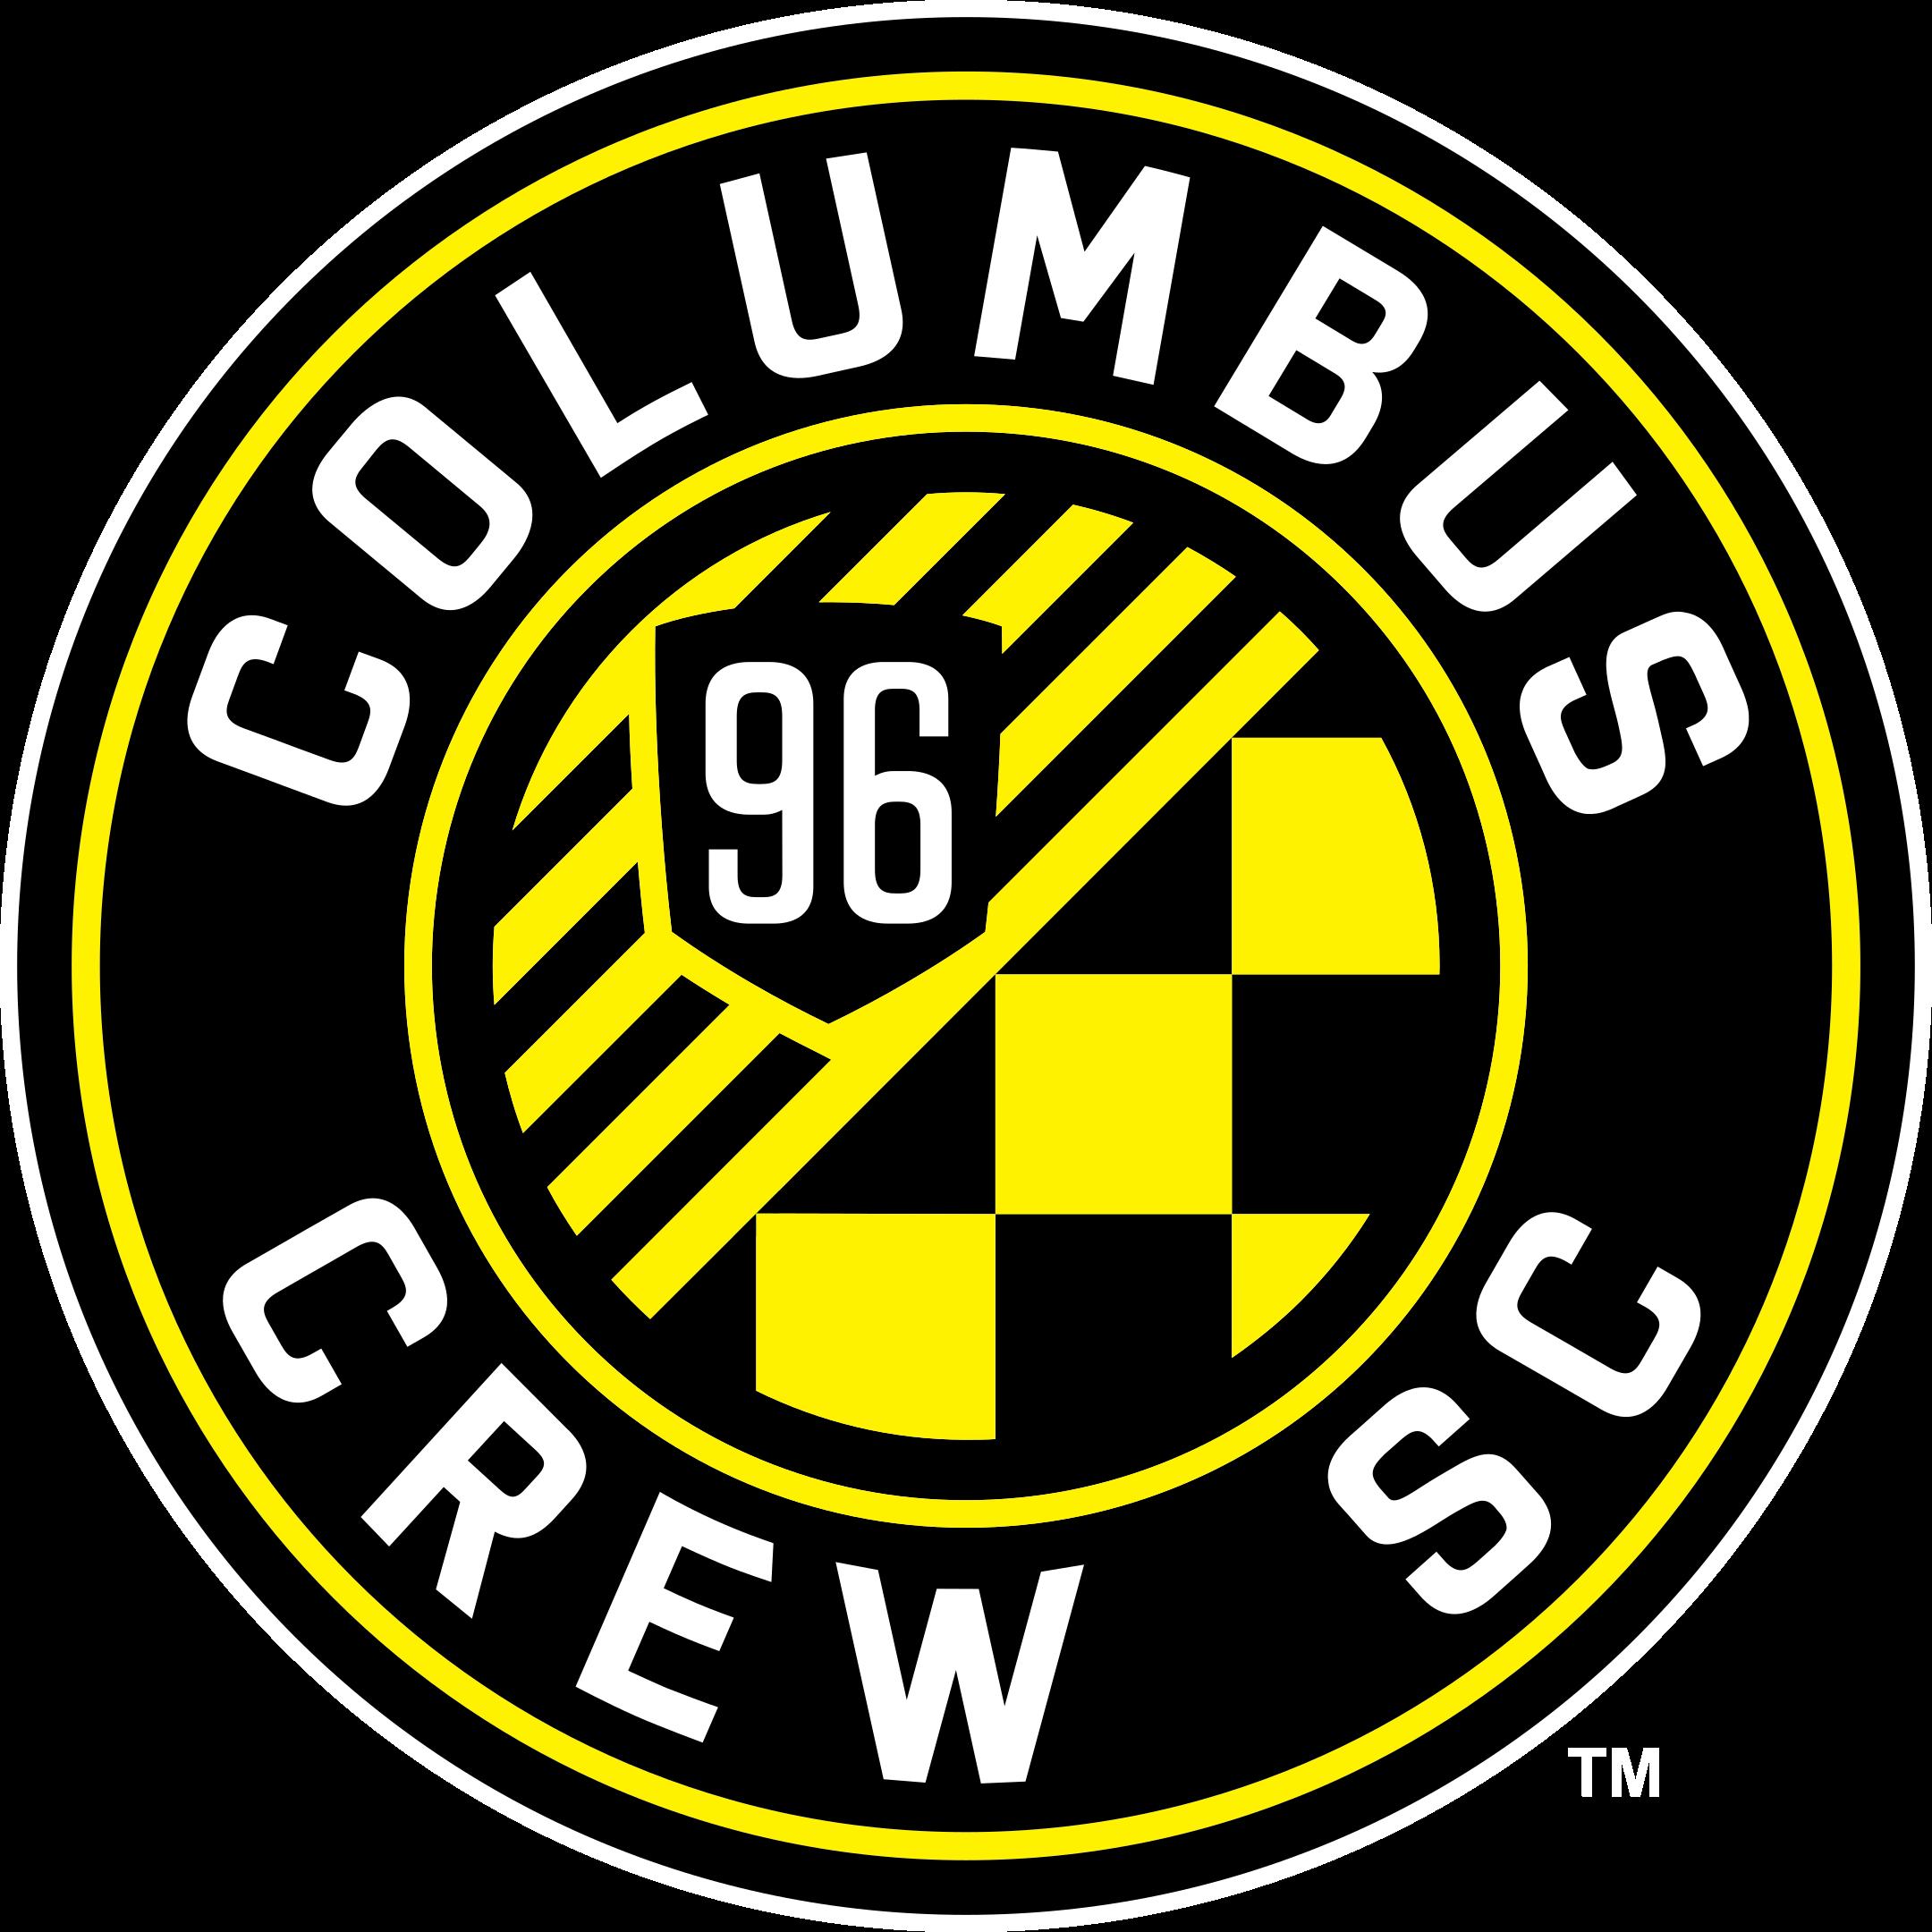 columbus crew logo 1 - Columbus Crew SC Logo